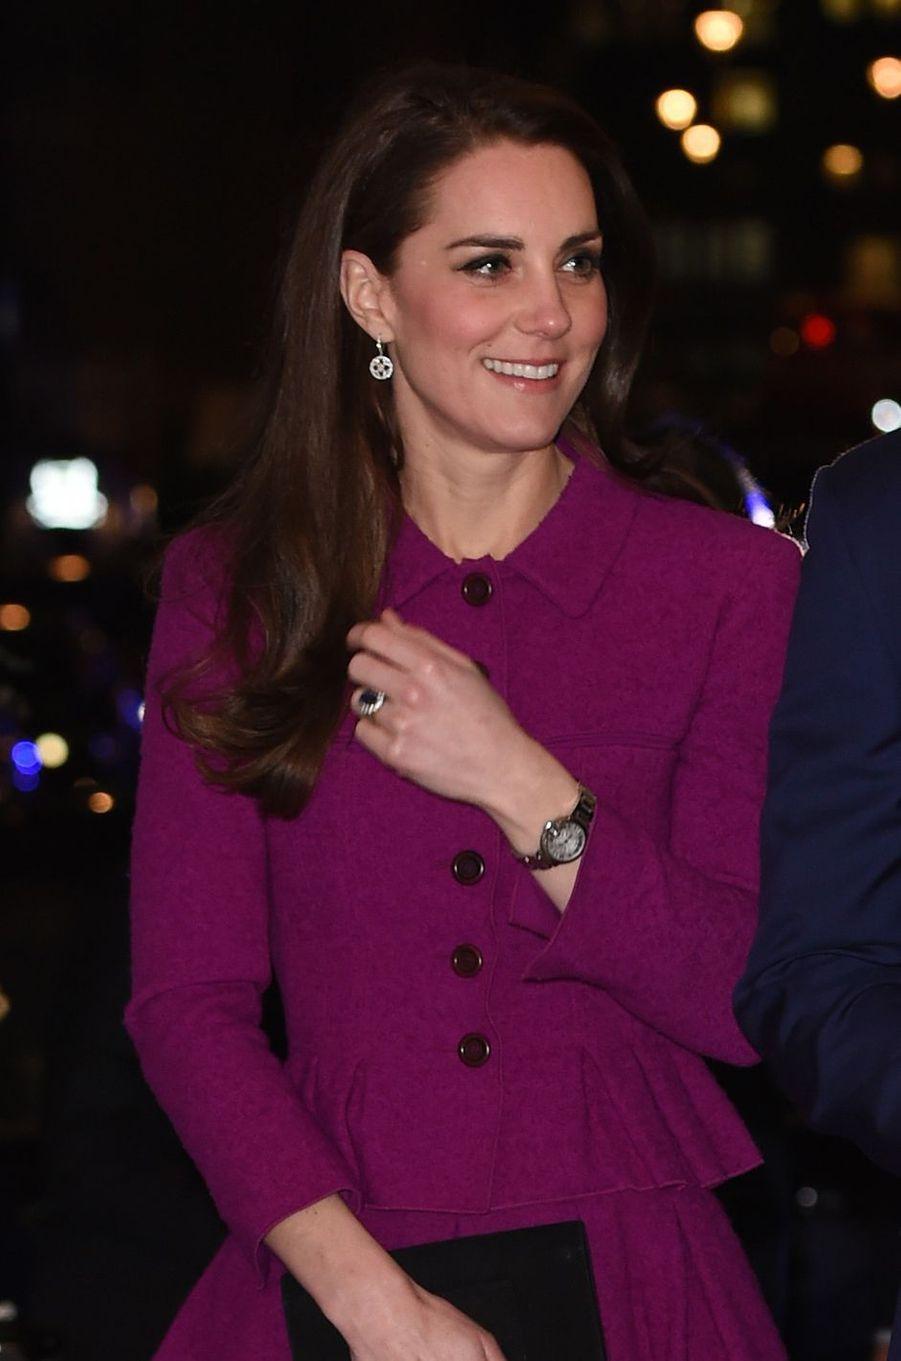 La duchesse de Cambridge, née Kate Middleton, à Londres, le 6 février 2017